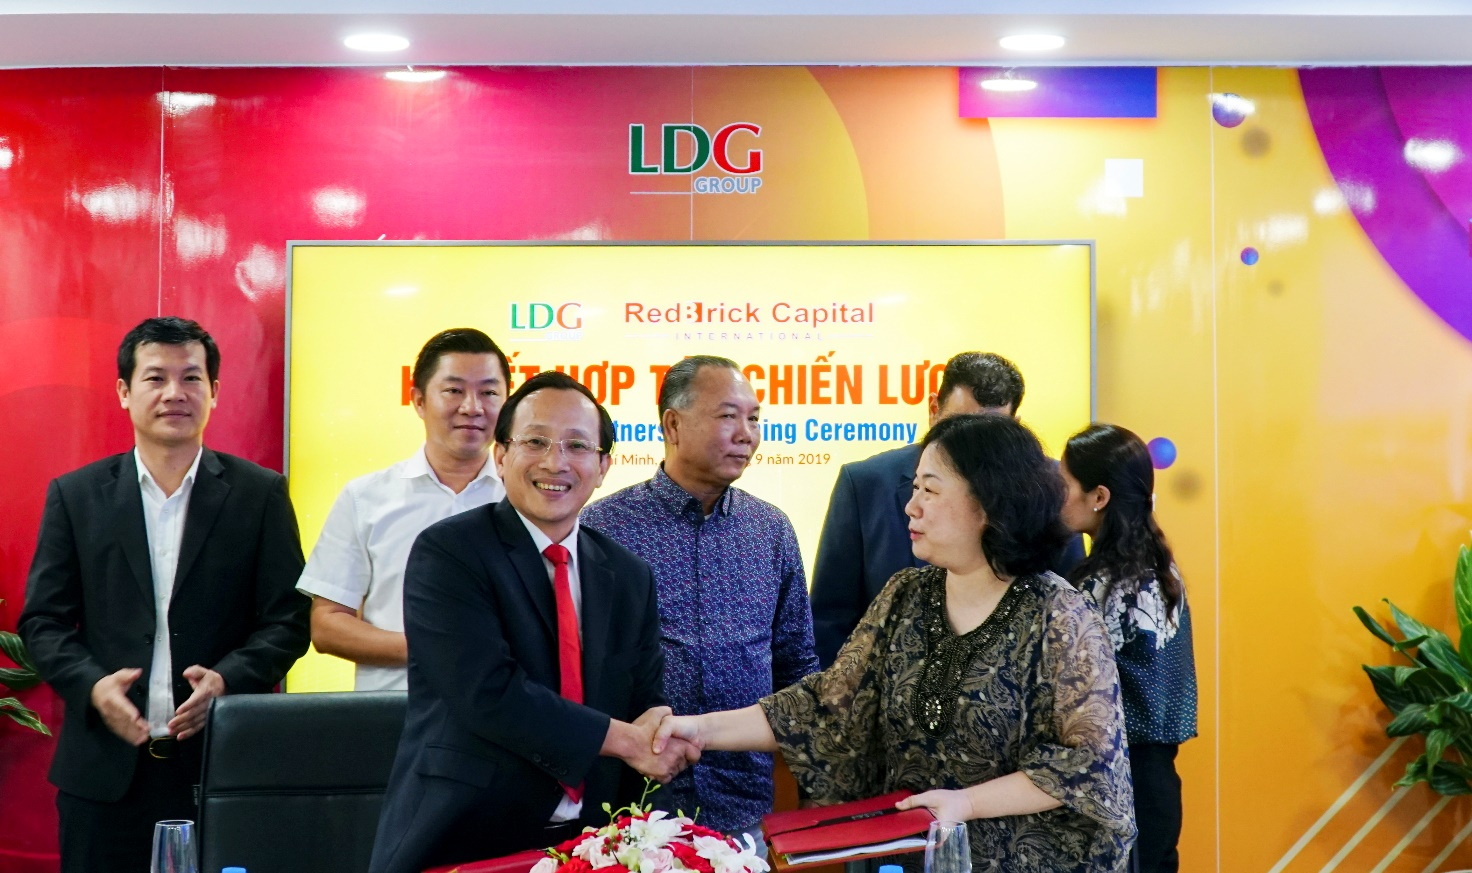 Pháp lý hoàn chỉnh, LDG dự kiến khởi động dự án Bãi Bụt ngay trong năm 2019